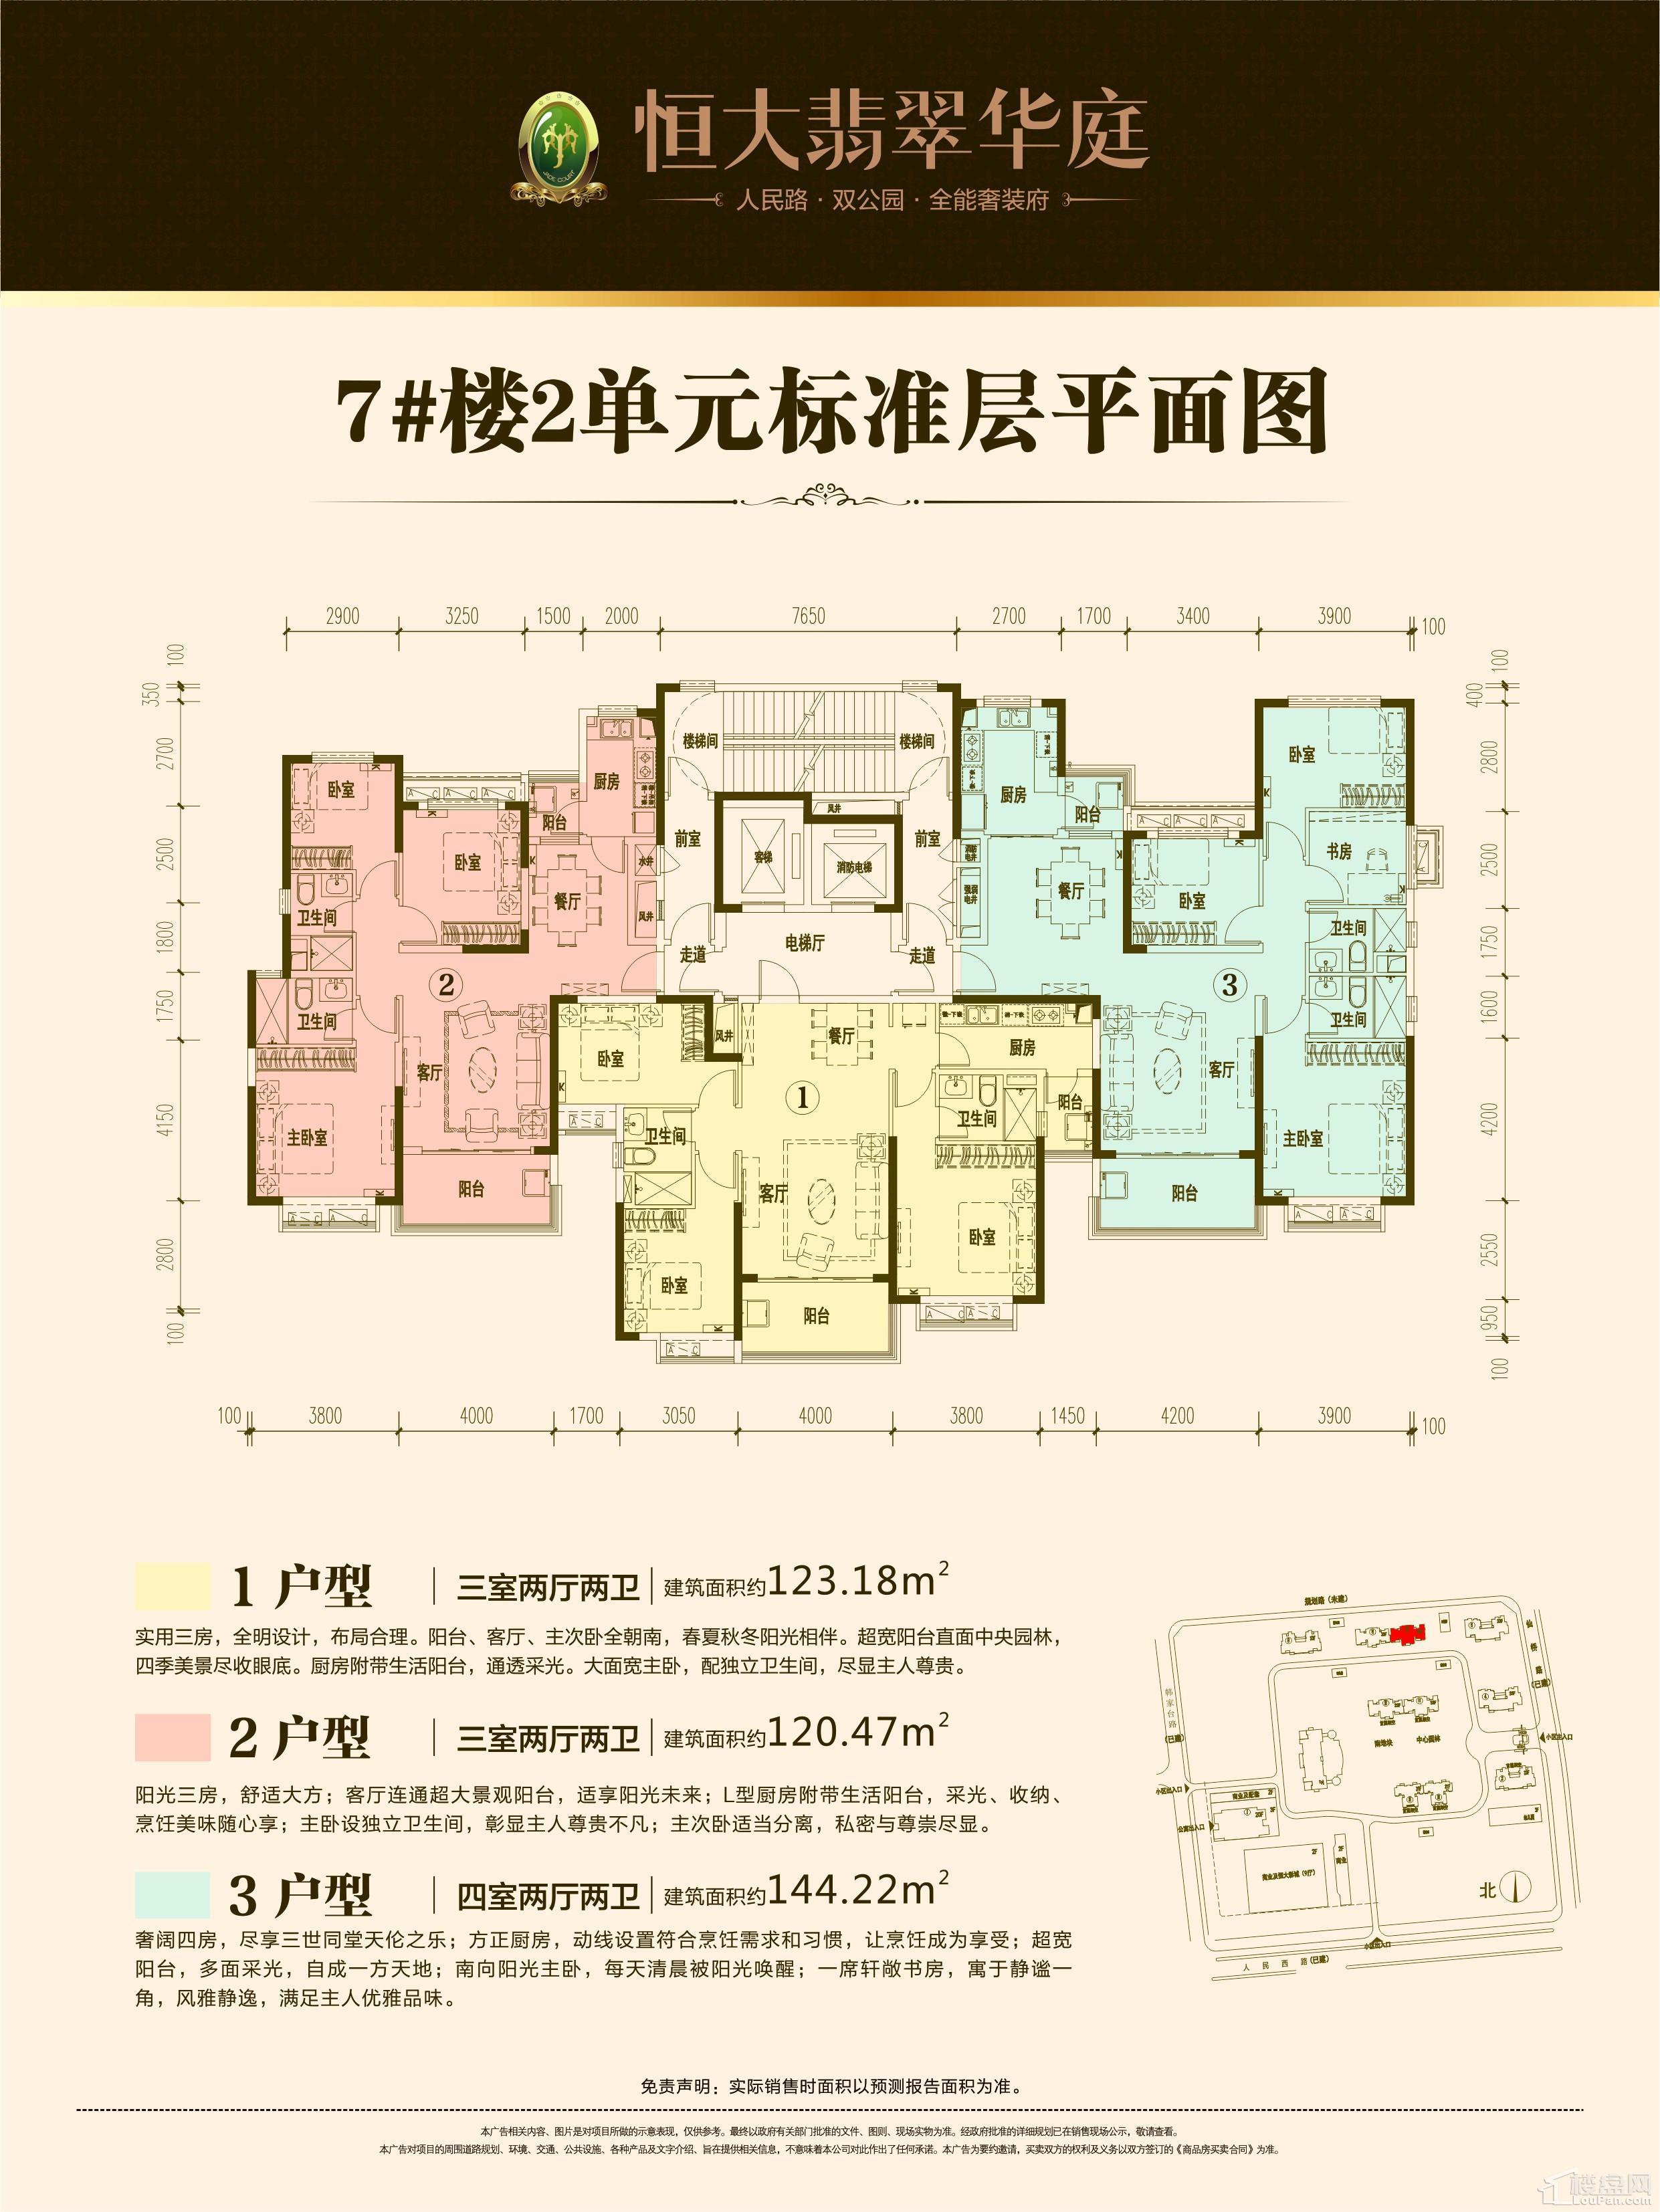 7#楼2单元